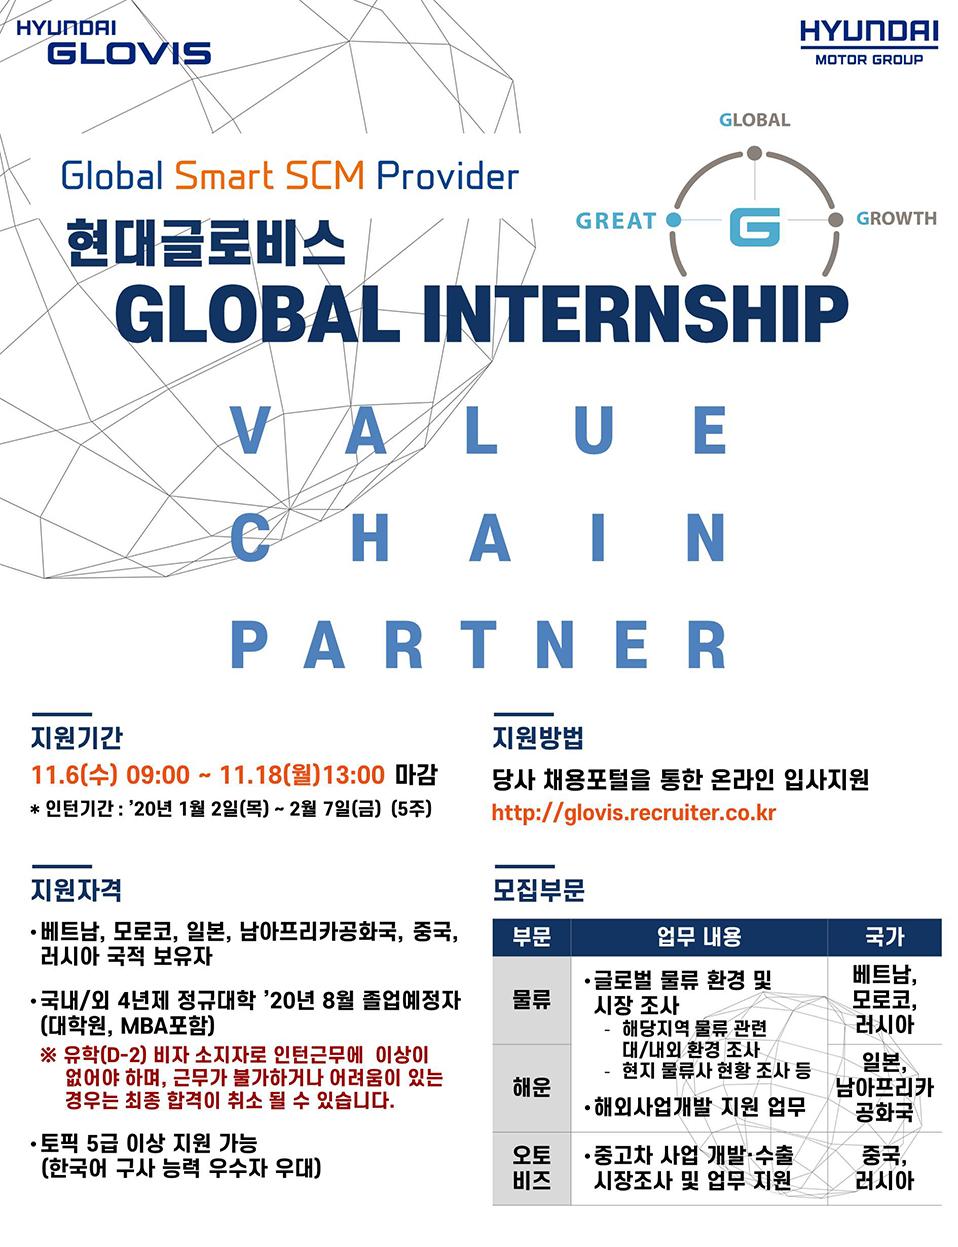 글로벌 인턴쉽 모집